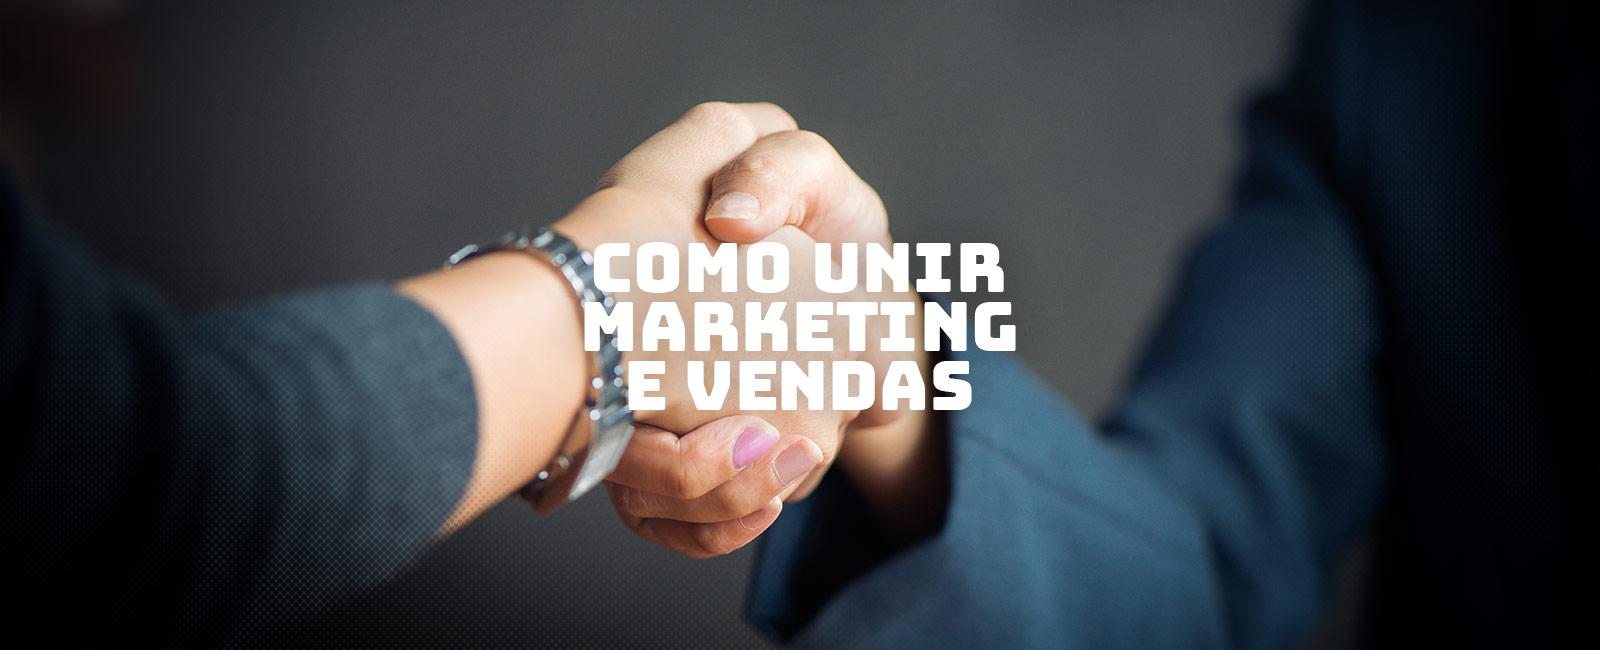 Marketing e Vendas: como diminuir as lacunas entre as áreas e criar uma integração com foco em resultados